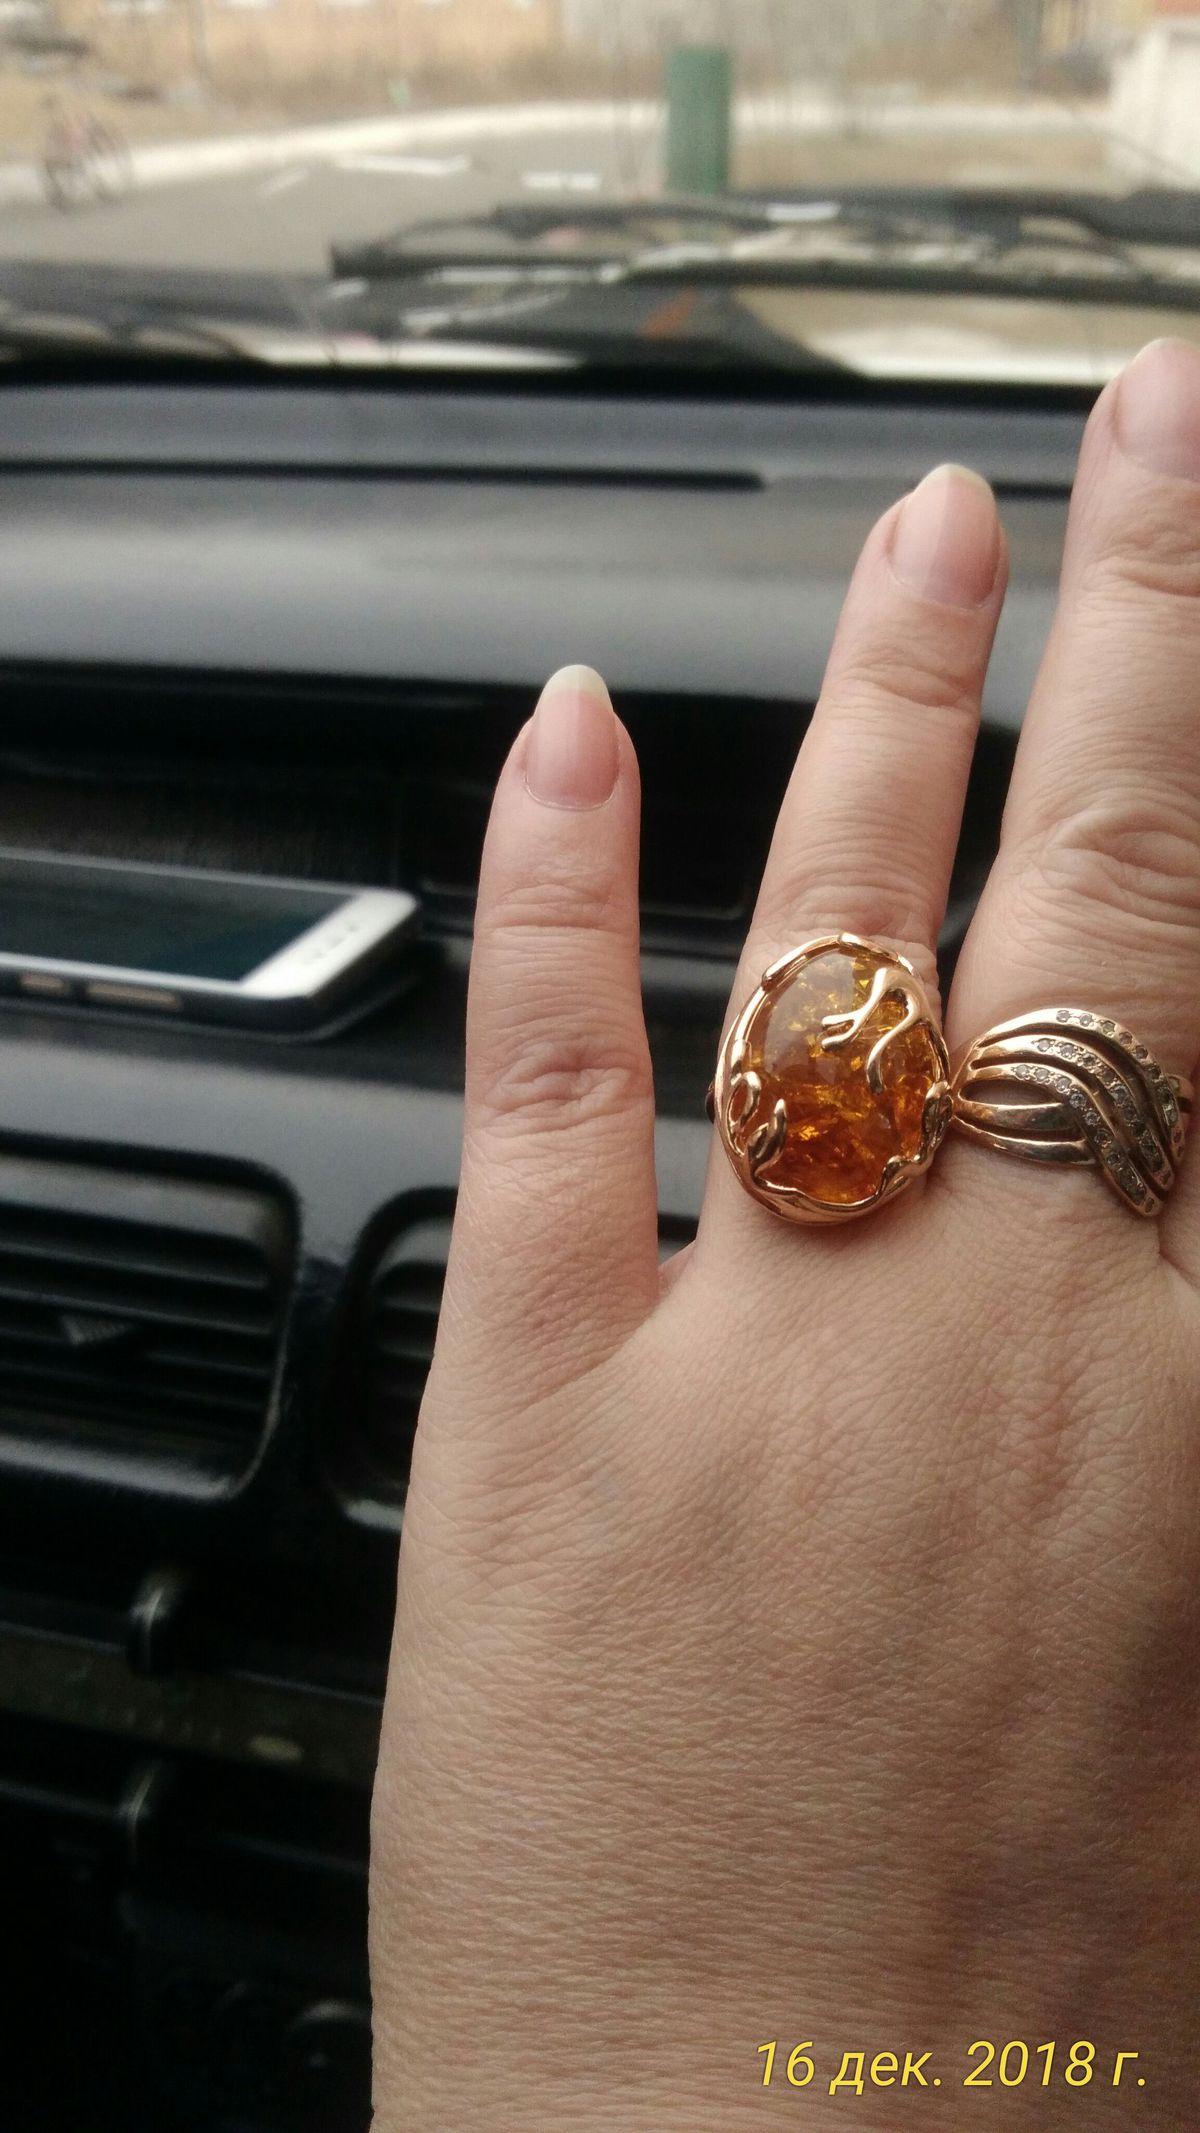 Кольцо просто супер. смотрится очень шикарно.